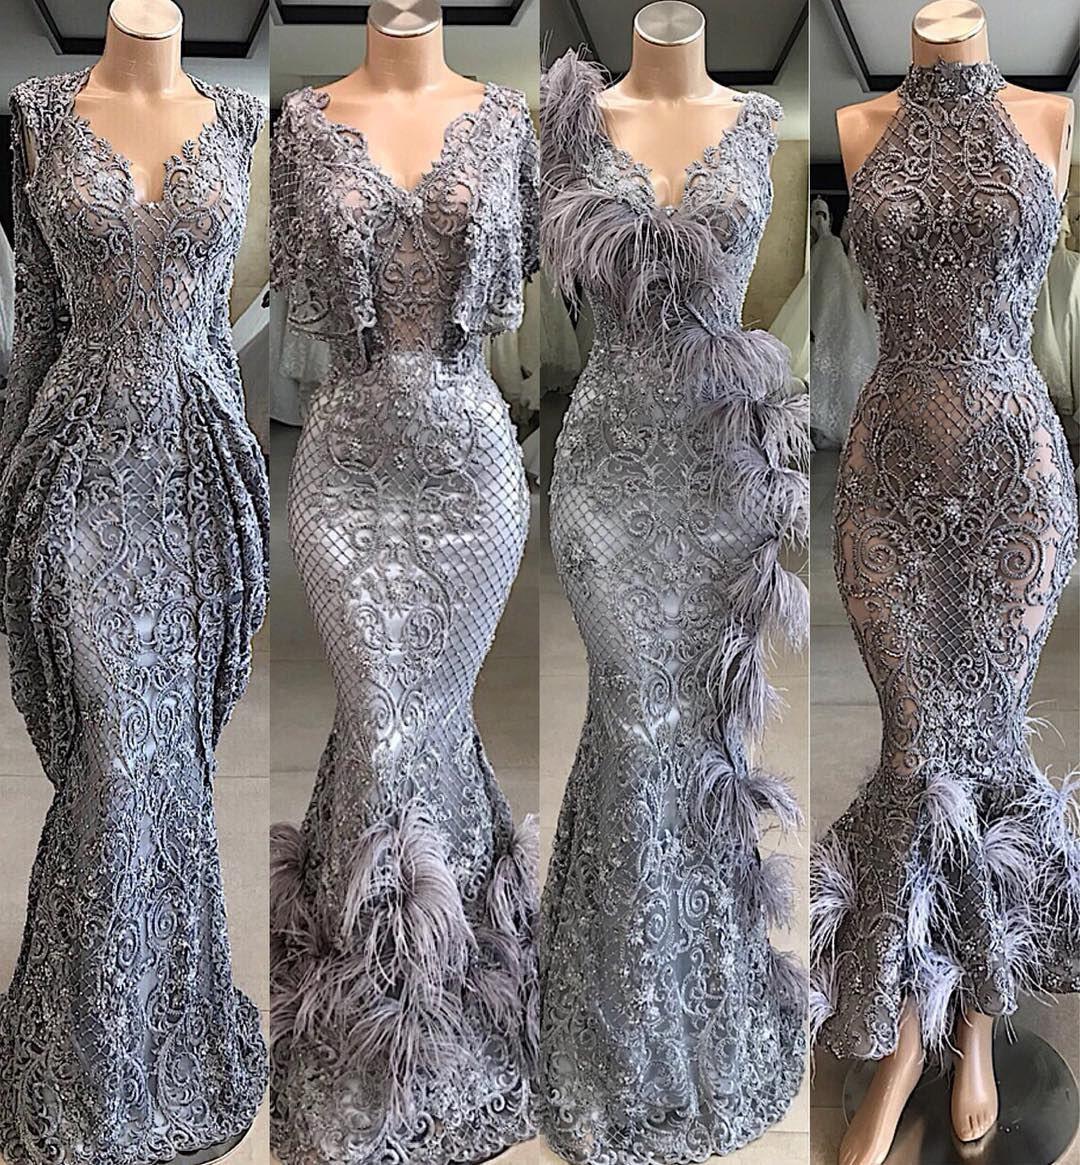 13 Luxus Chanel Abendkleid Ärmel17 Ausgezeichnet Chanel Abendkleid Stylish